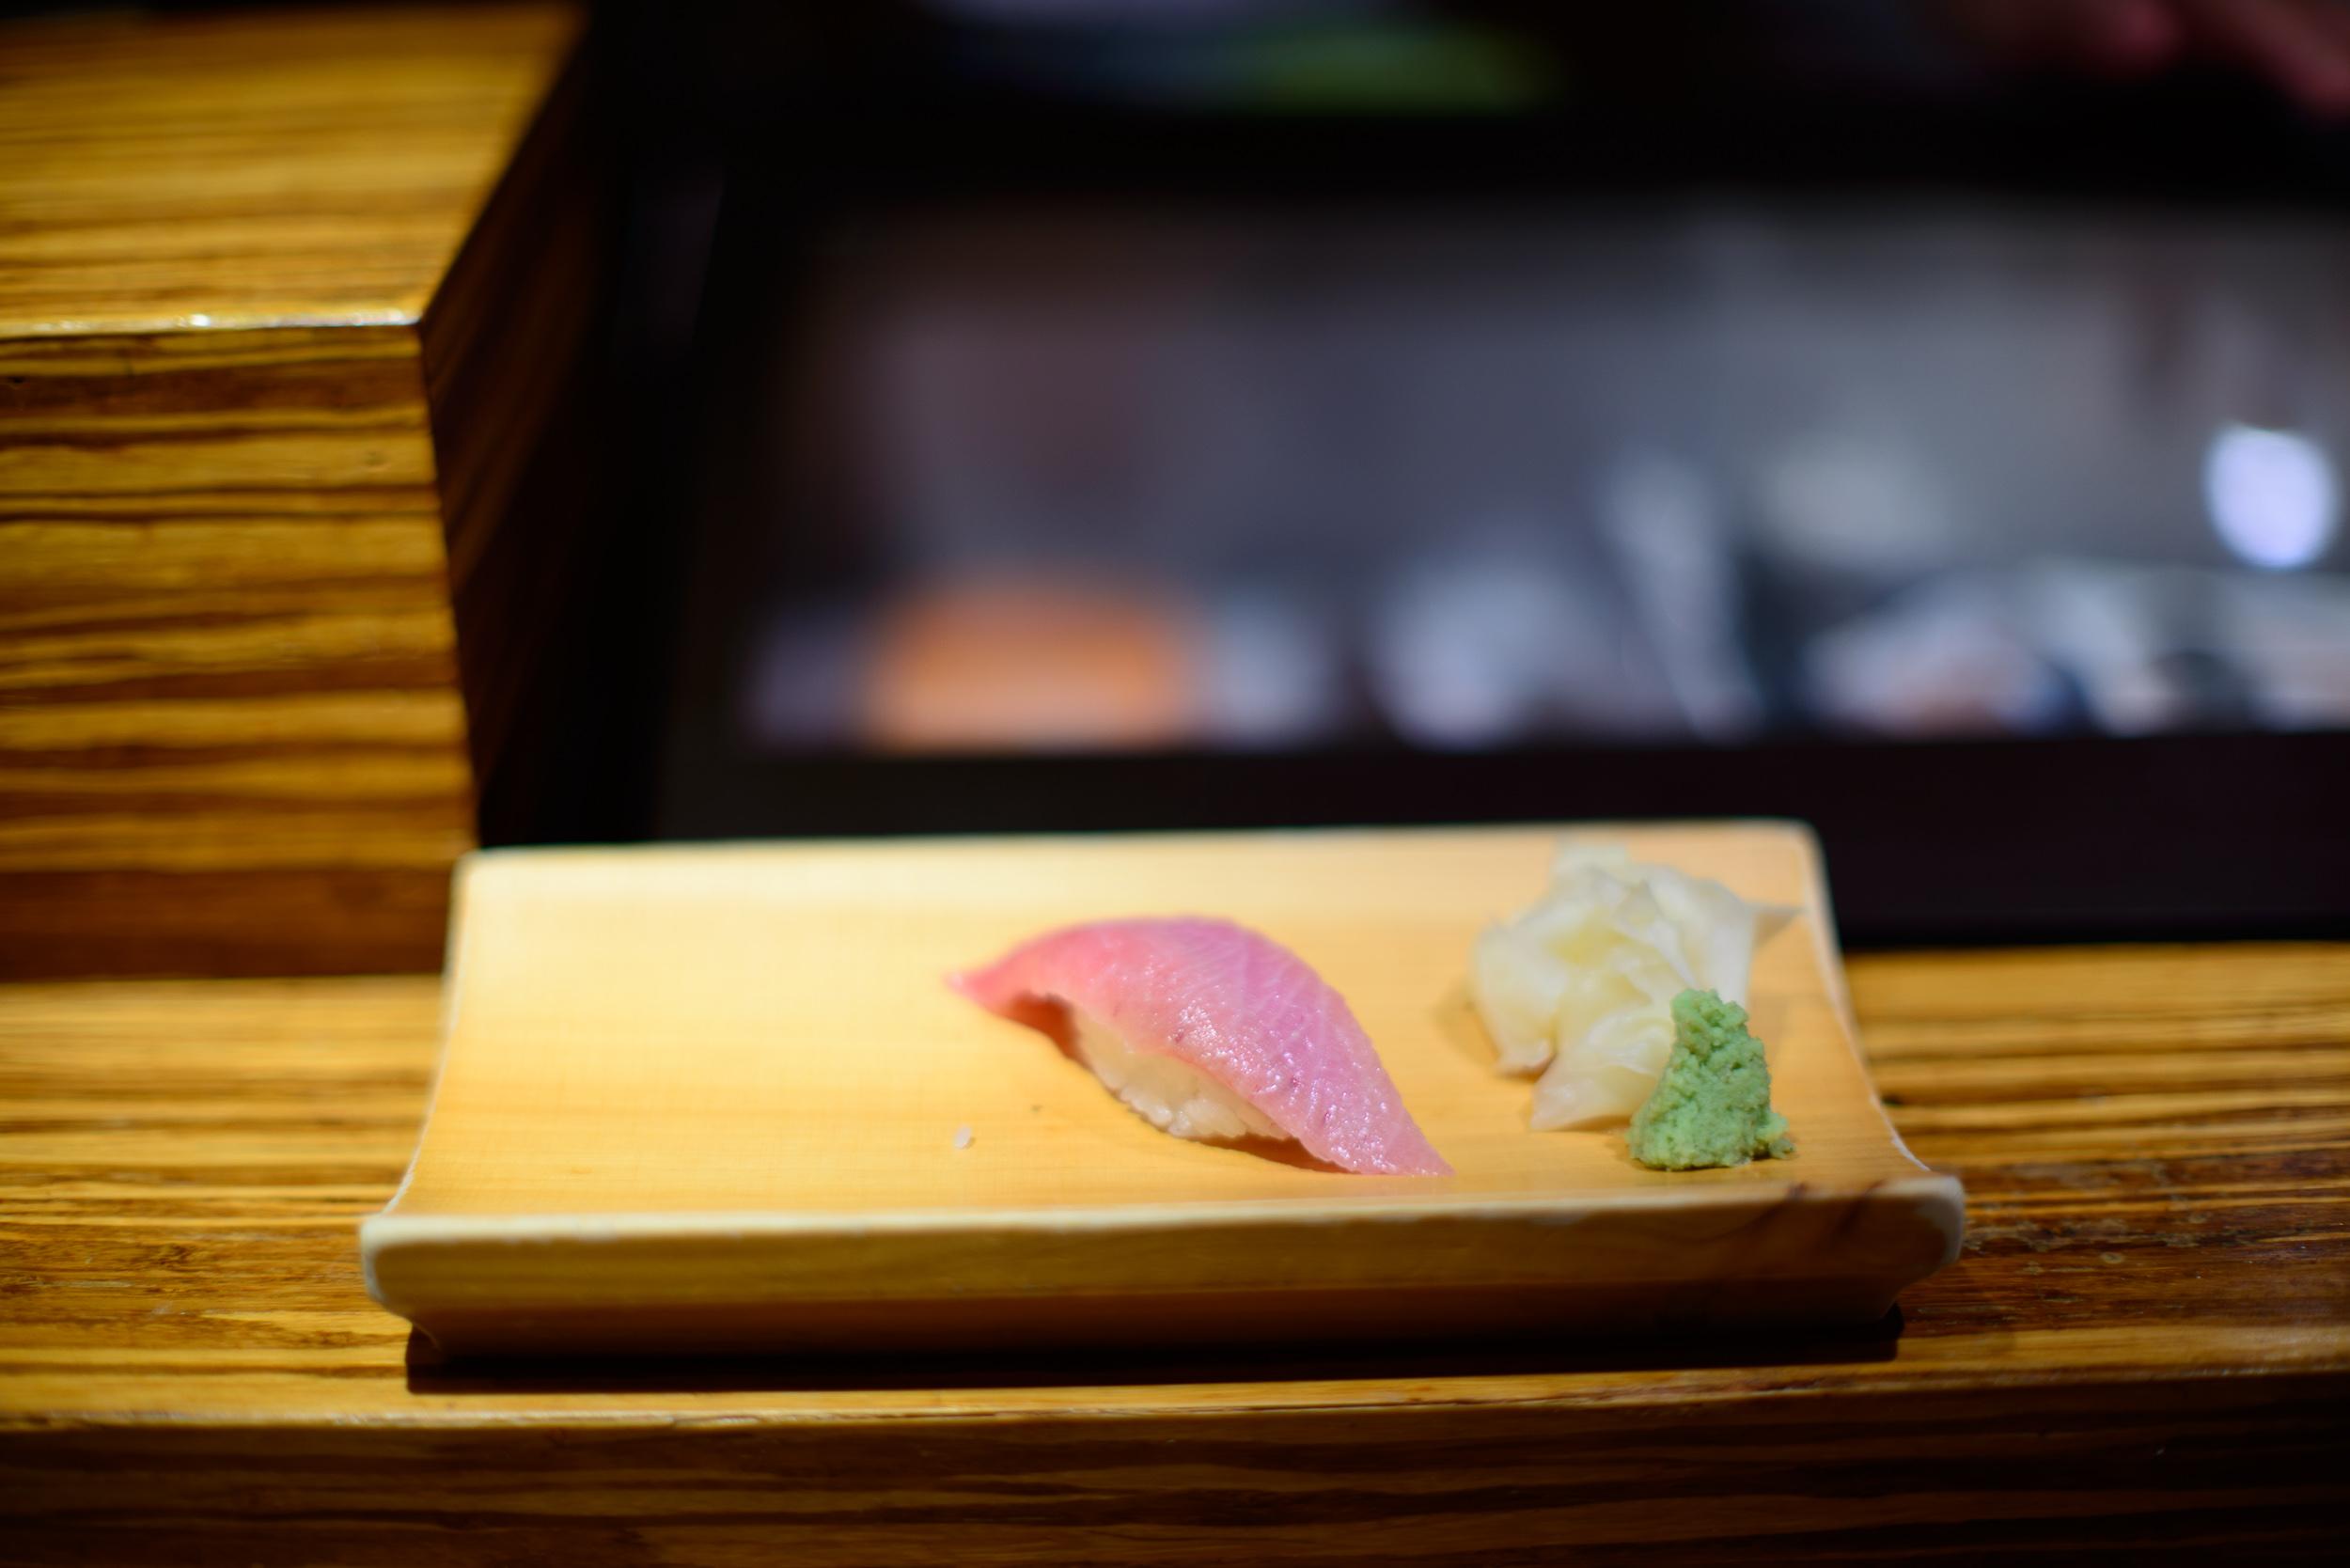 5th Course: Fatty tuna